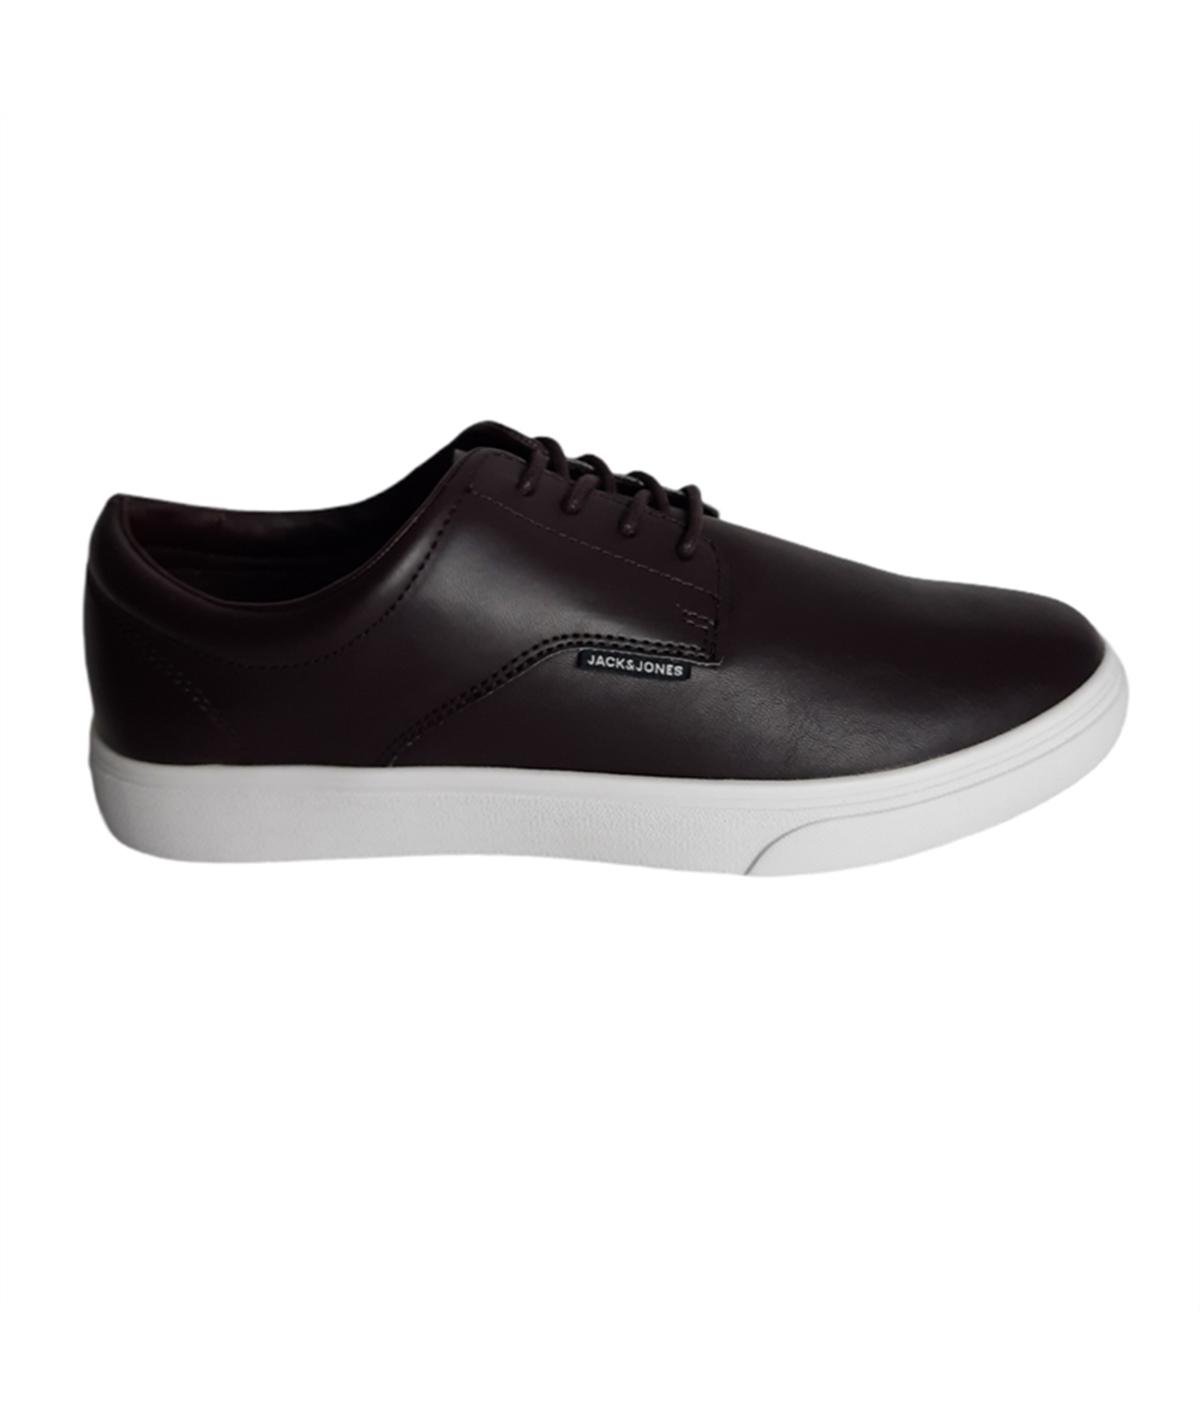 scarpe jack jones